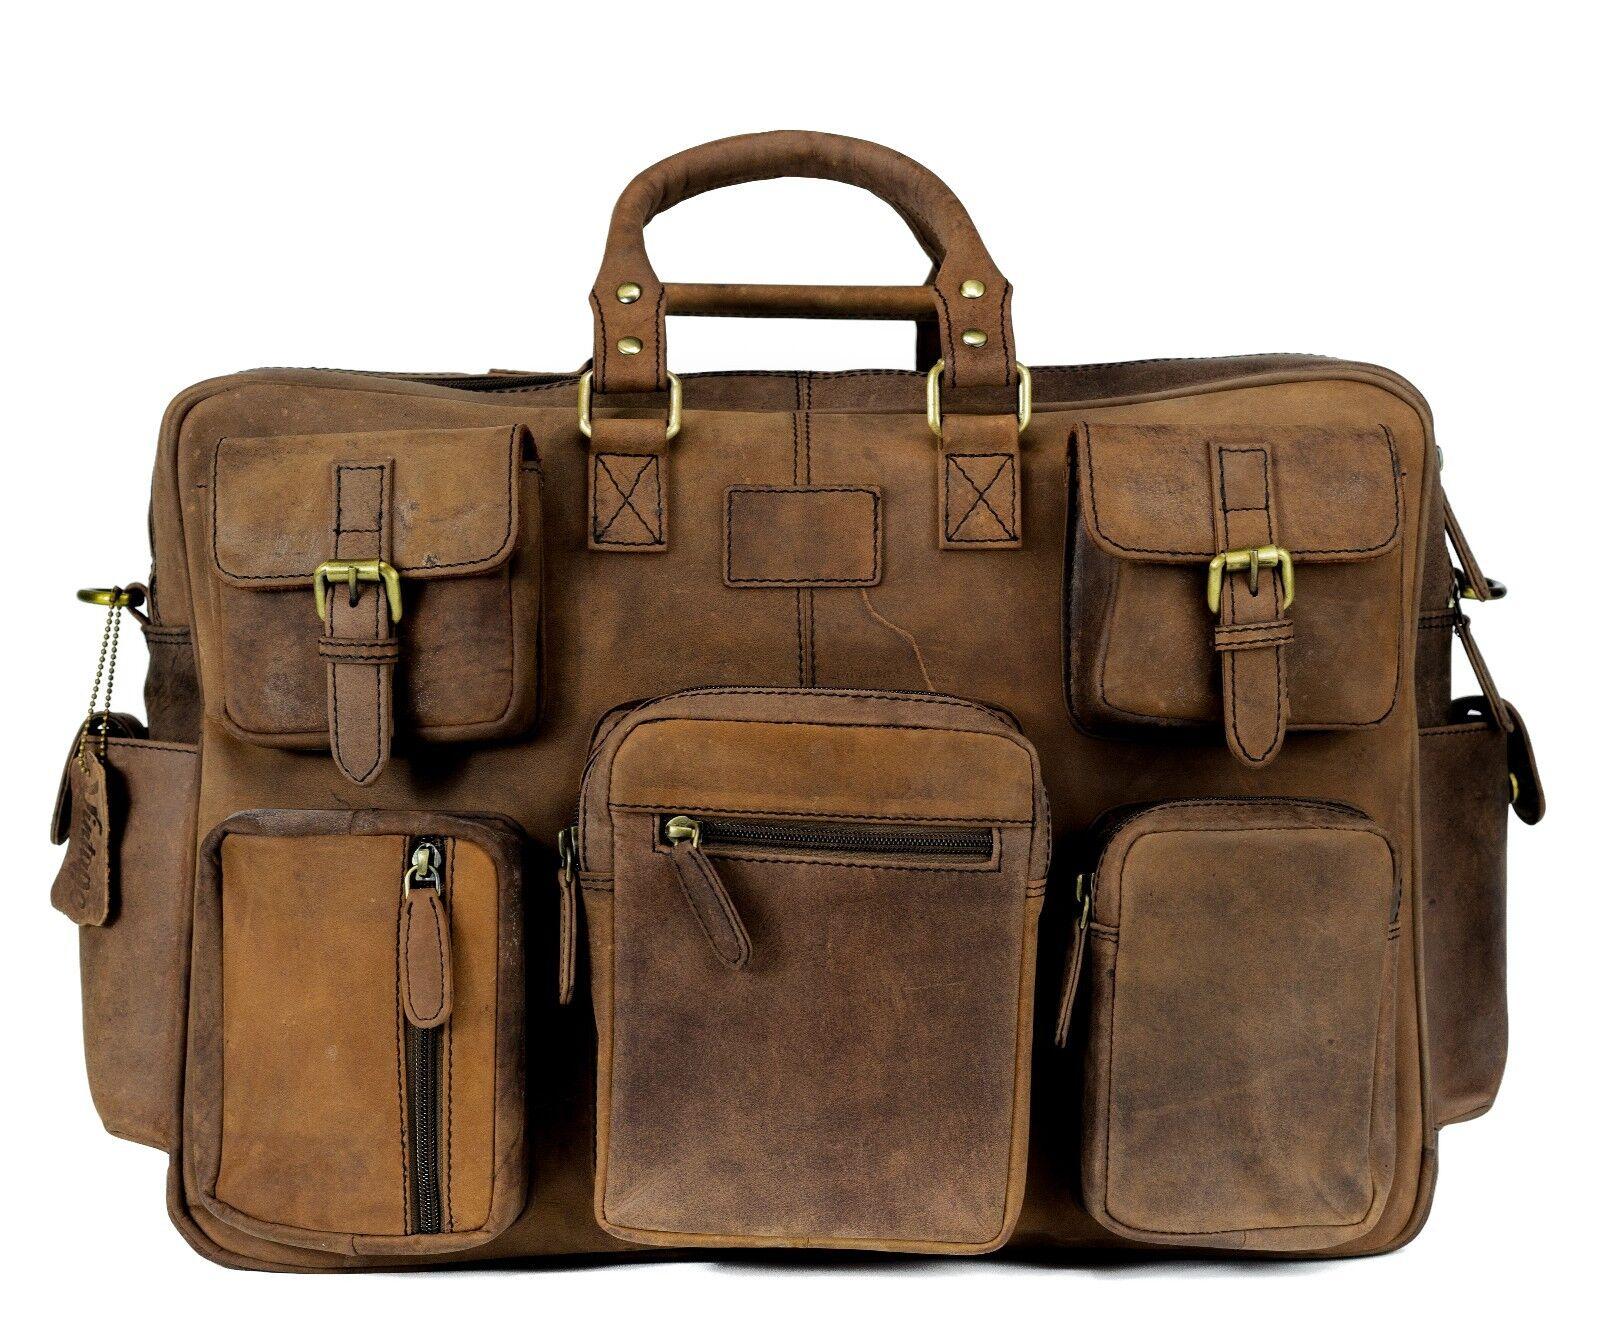 e4494d275876 Details about New Leather Duffel Bag Travel Bag Men's Weekender Overnight  Bag Multi Pocket Bag